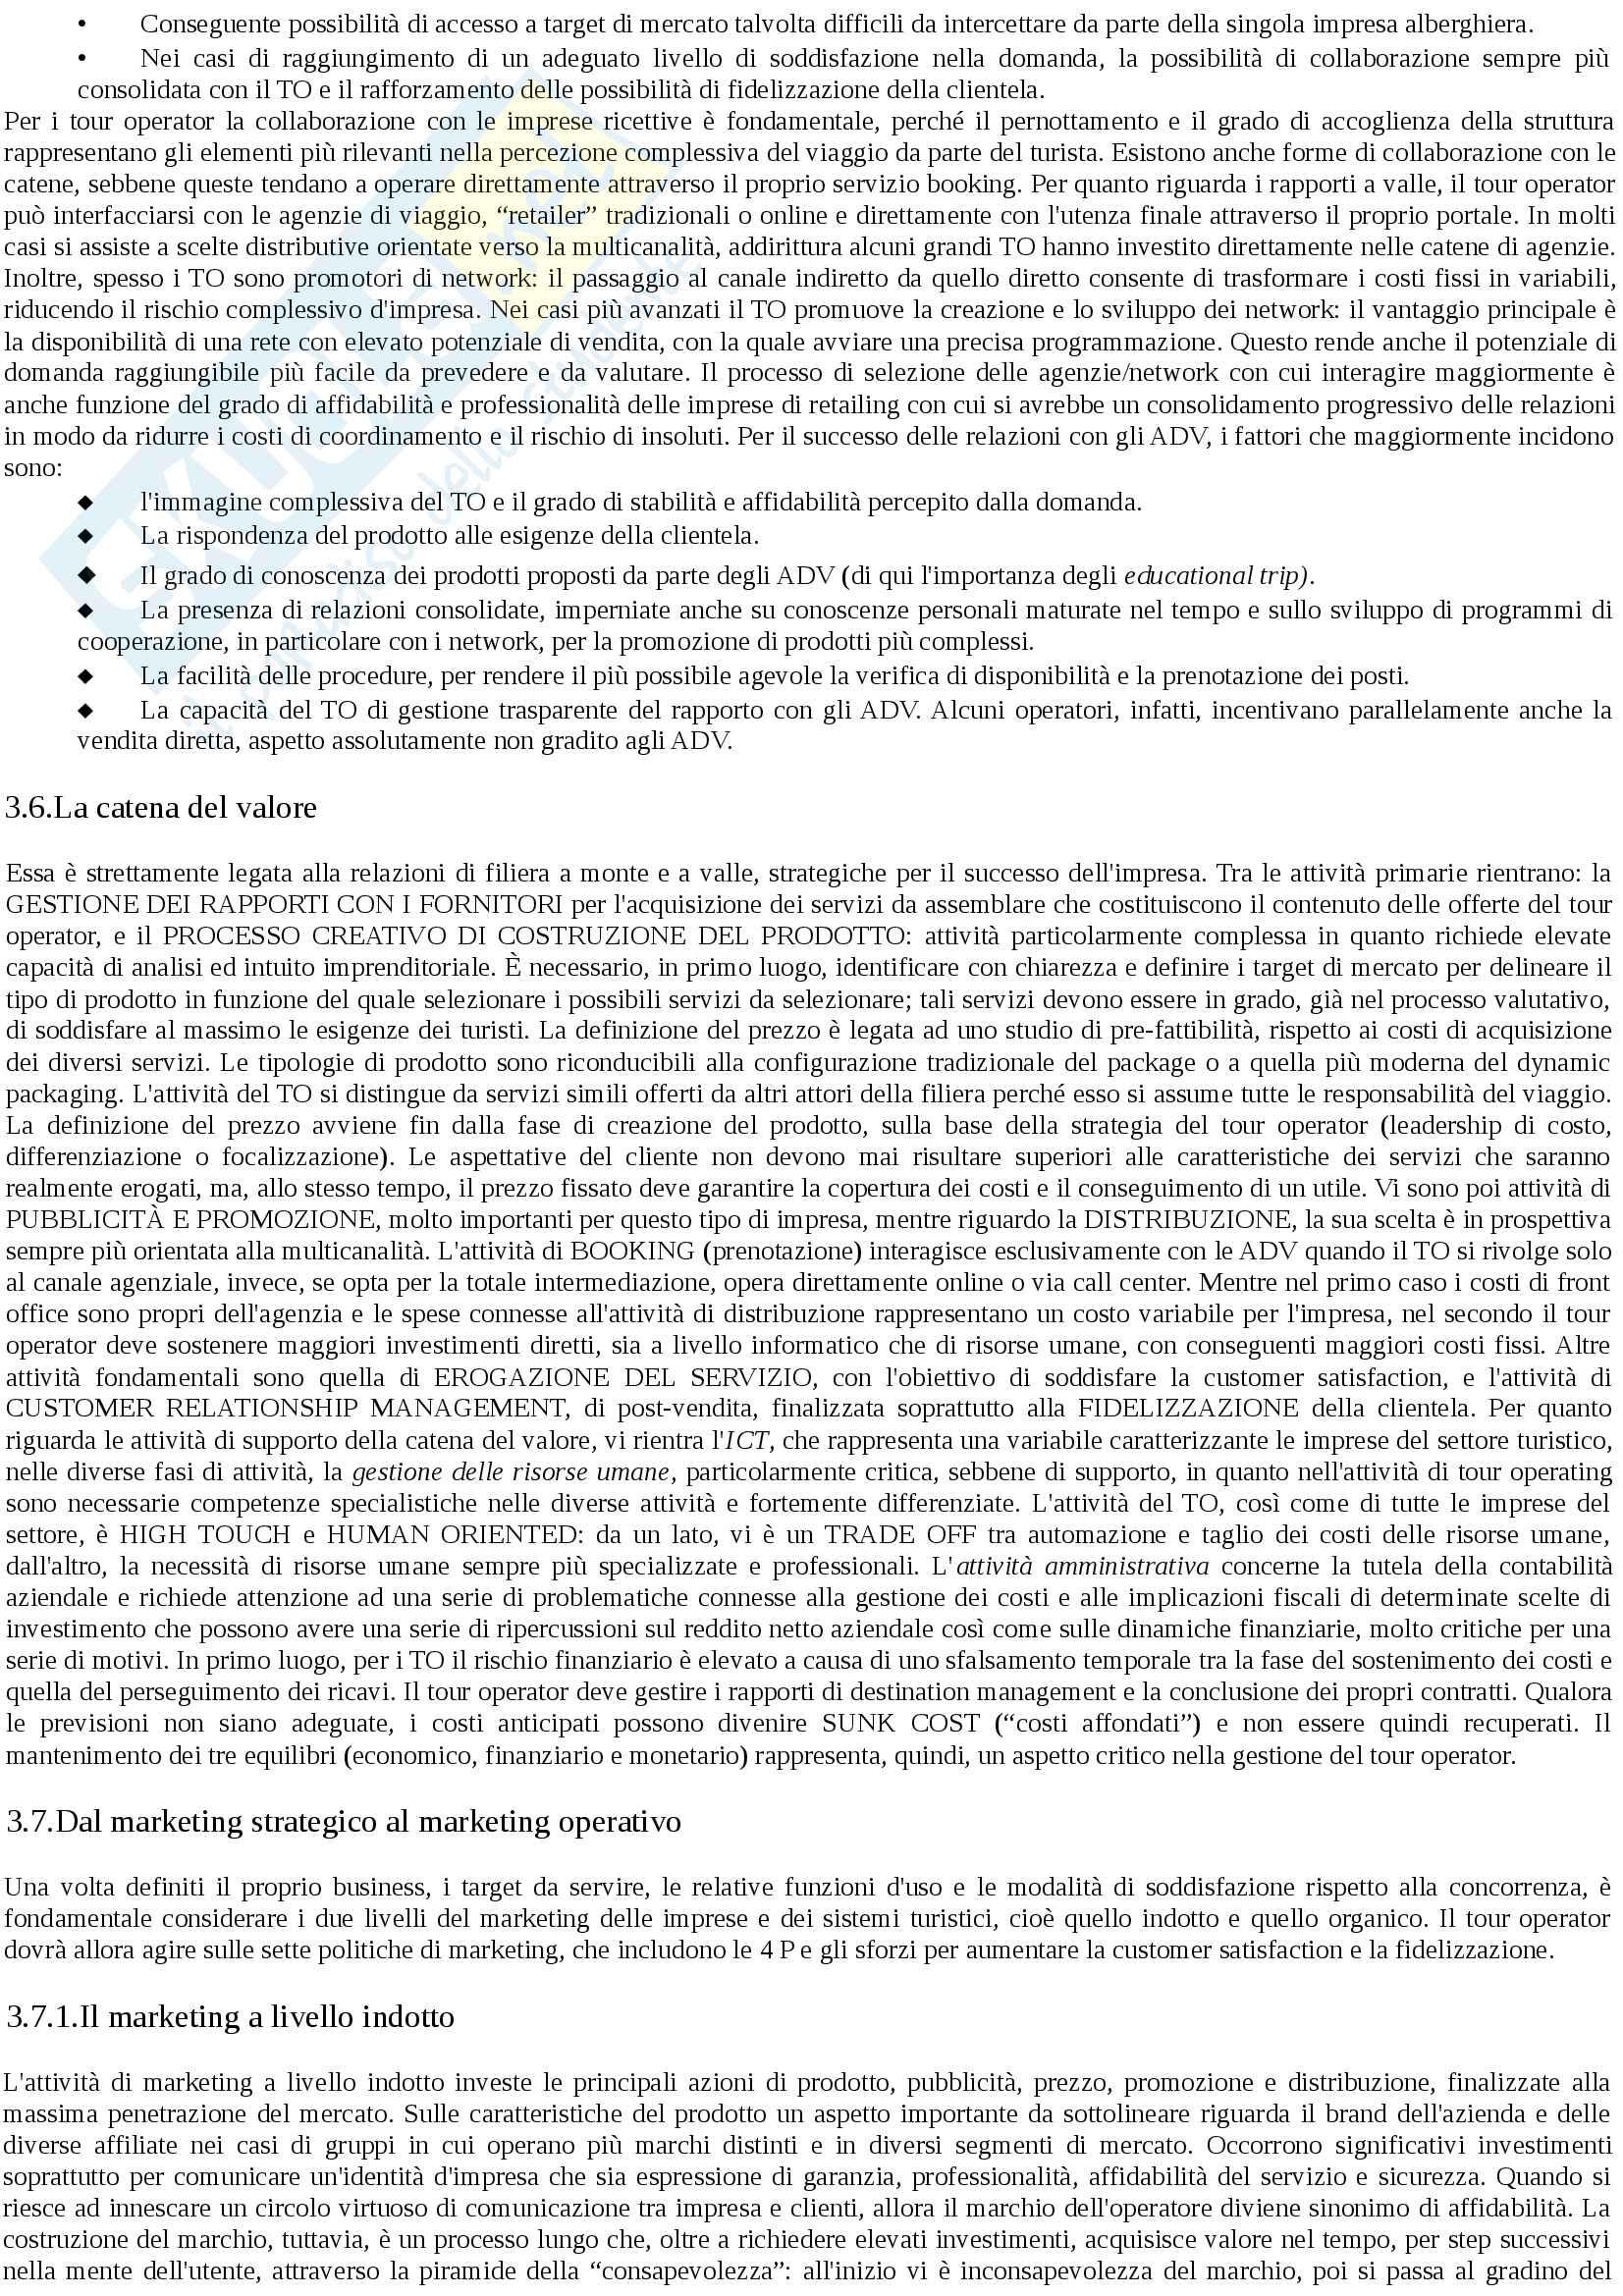 Sintesi marketing e management delle imprese turistiche Pag. 11